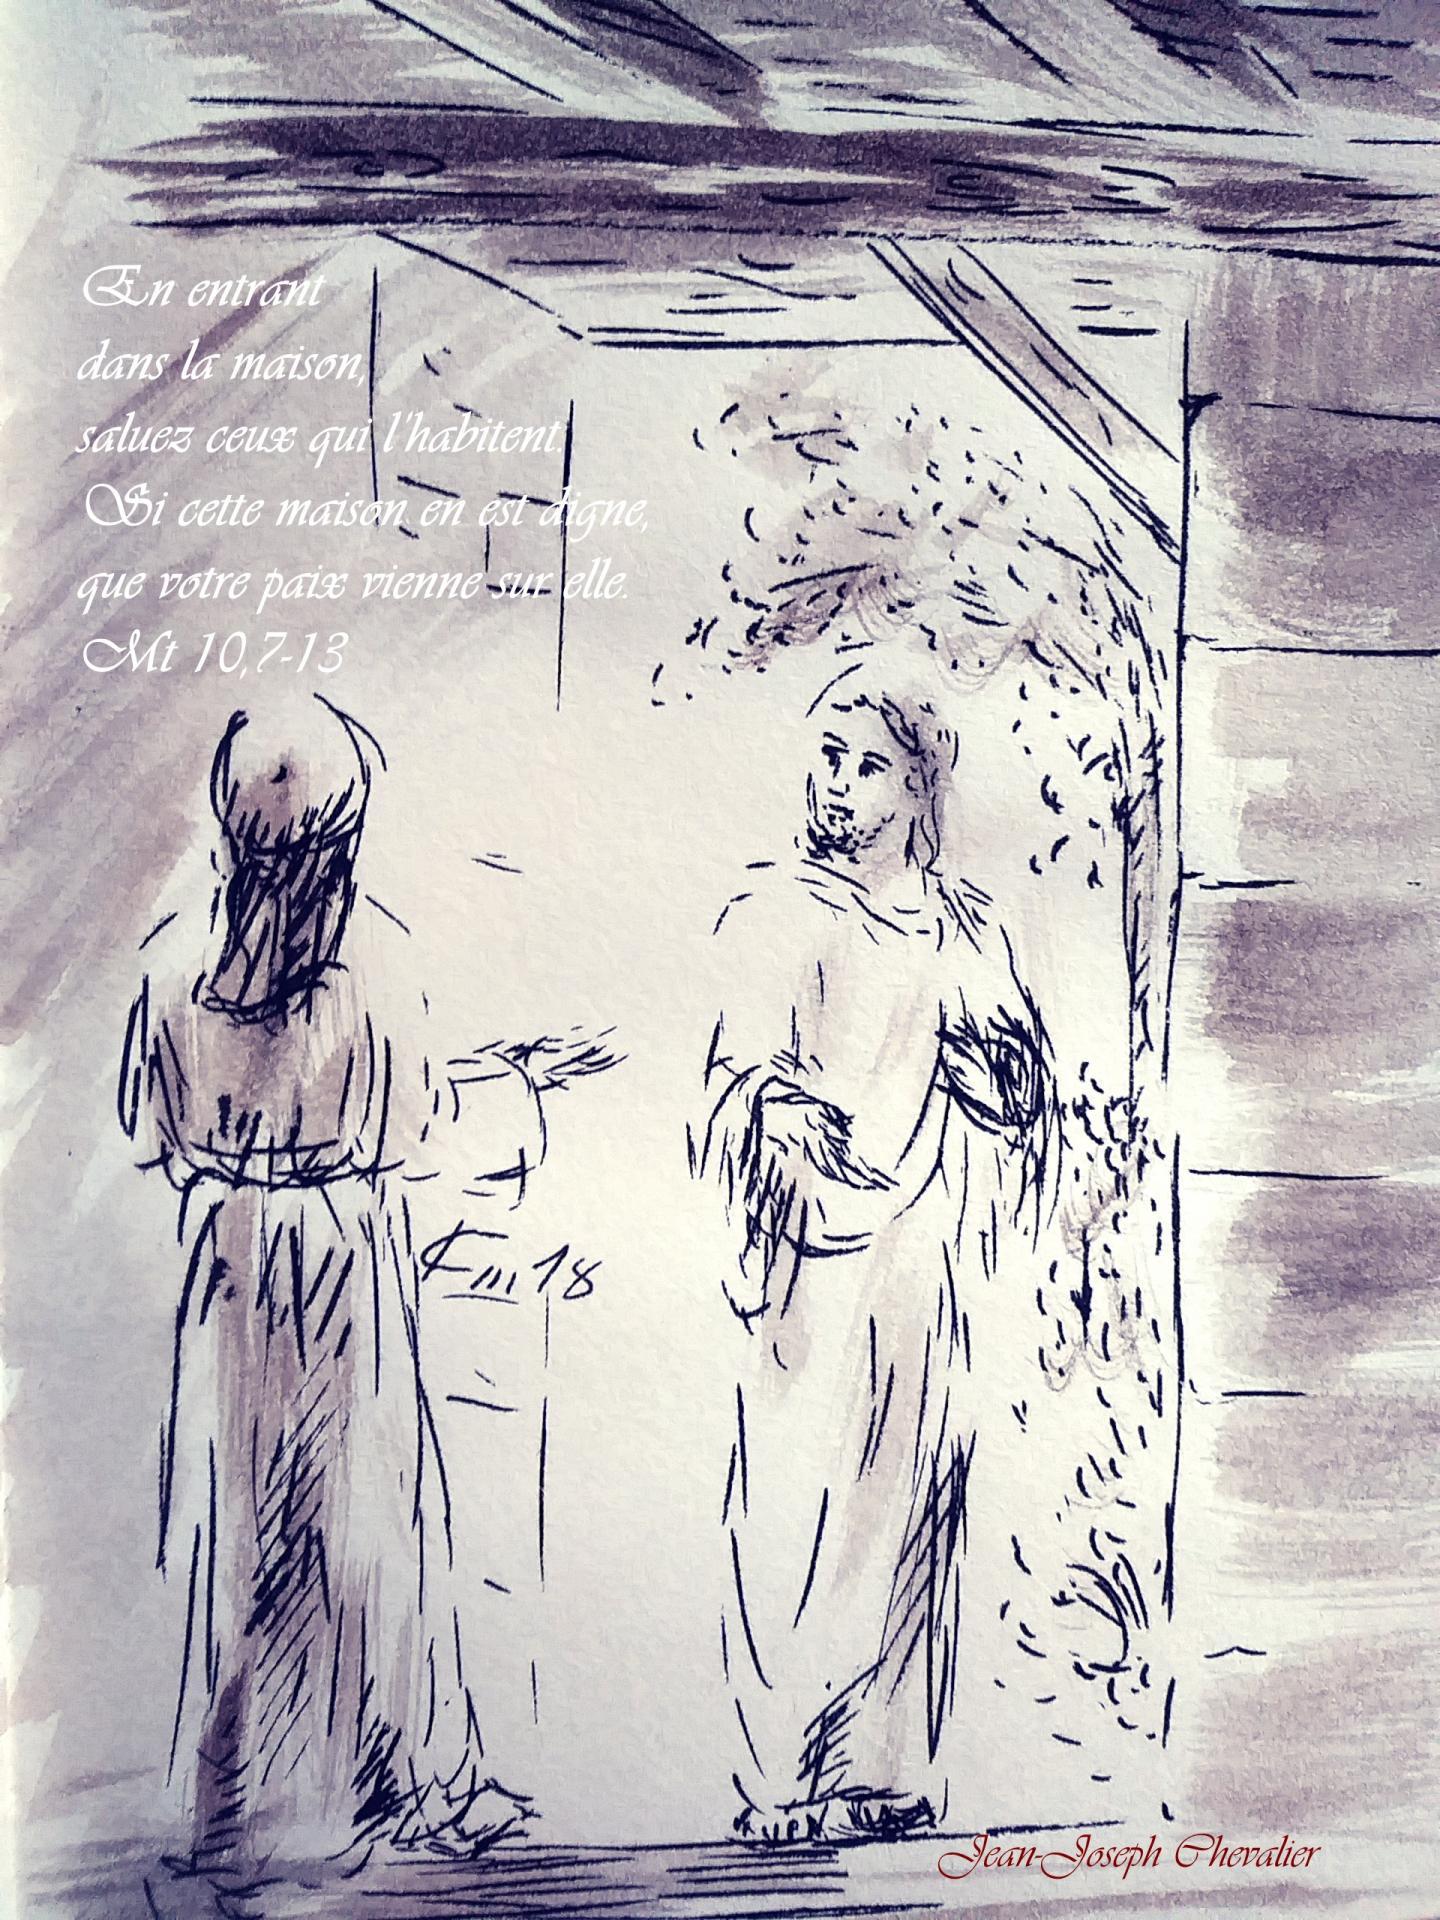 11 Juin 2018, évangile du jour illustré par un dessin au lavis